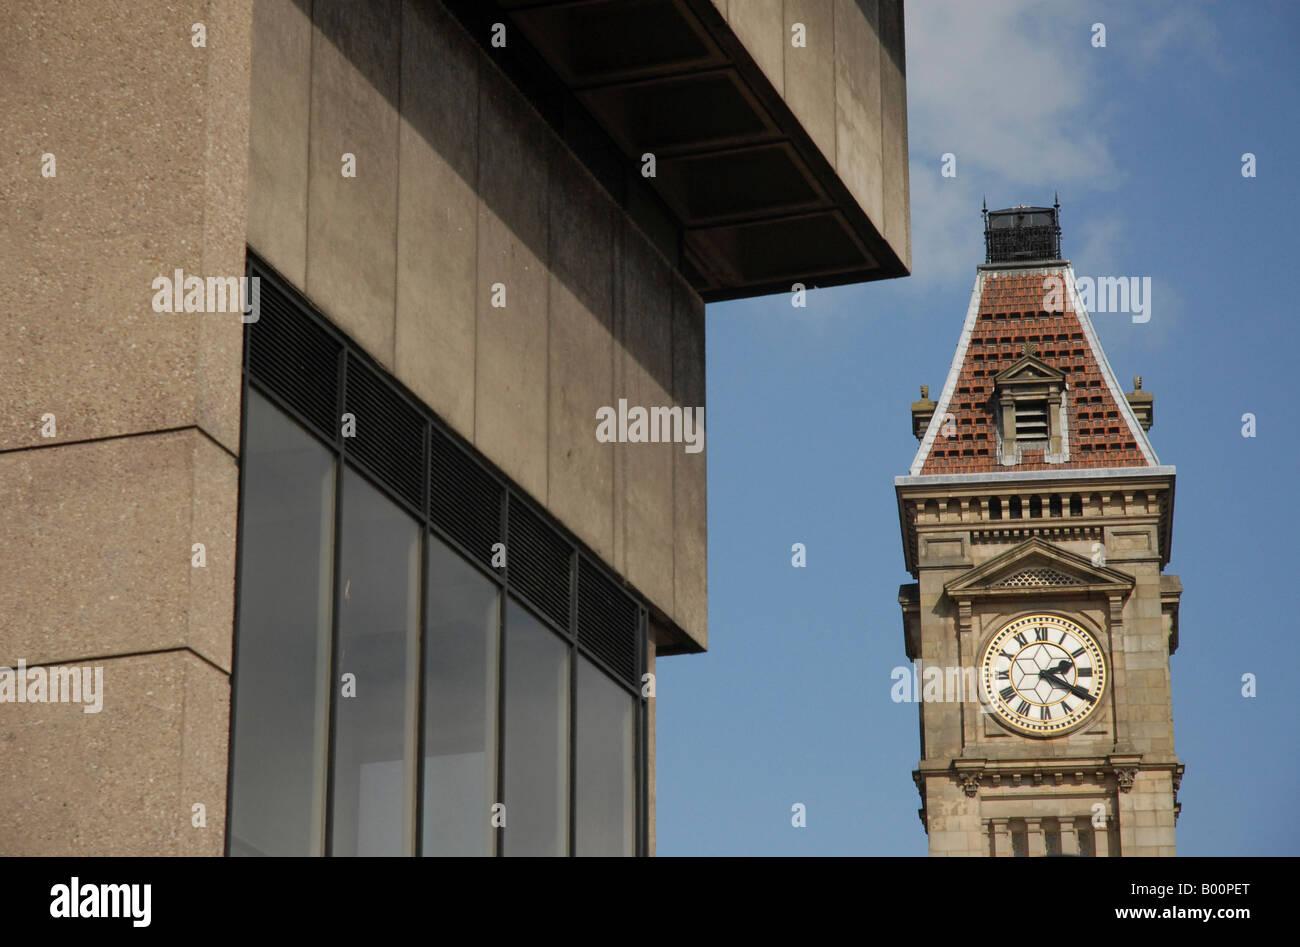 Birmingham School Of Art Stock Photos & Birmingham School Of Art ...